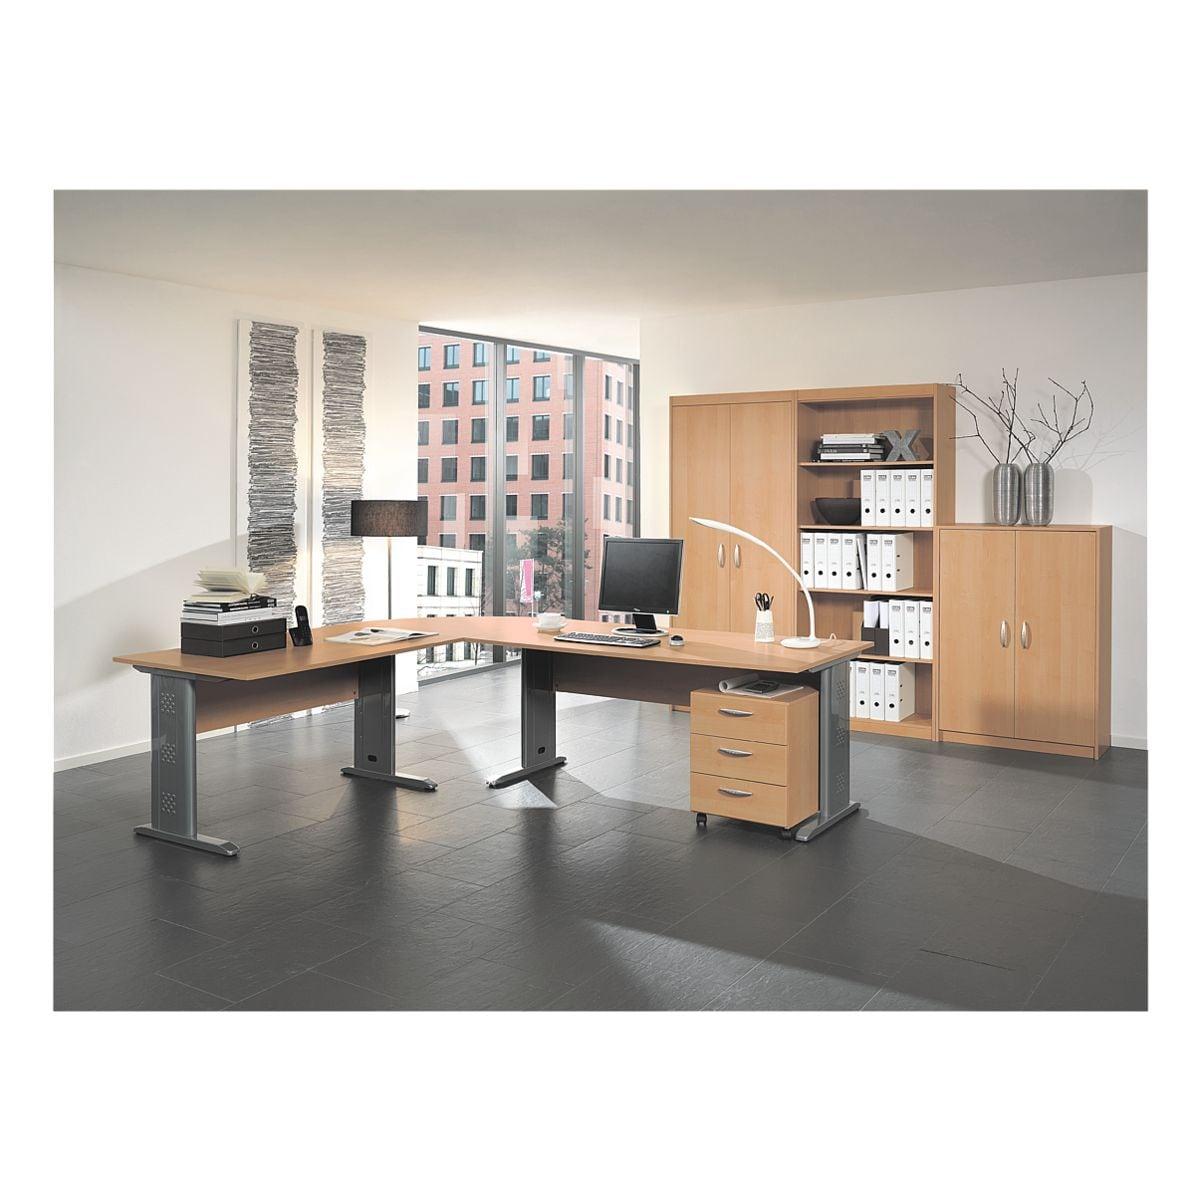 wellem bel m bel set adria 7 teilig schreibtisch mit c fu bei otto office g nstig kaufen. Black Bedroom Furniture Sets. Home Design Ideas